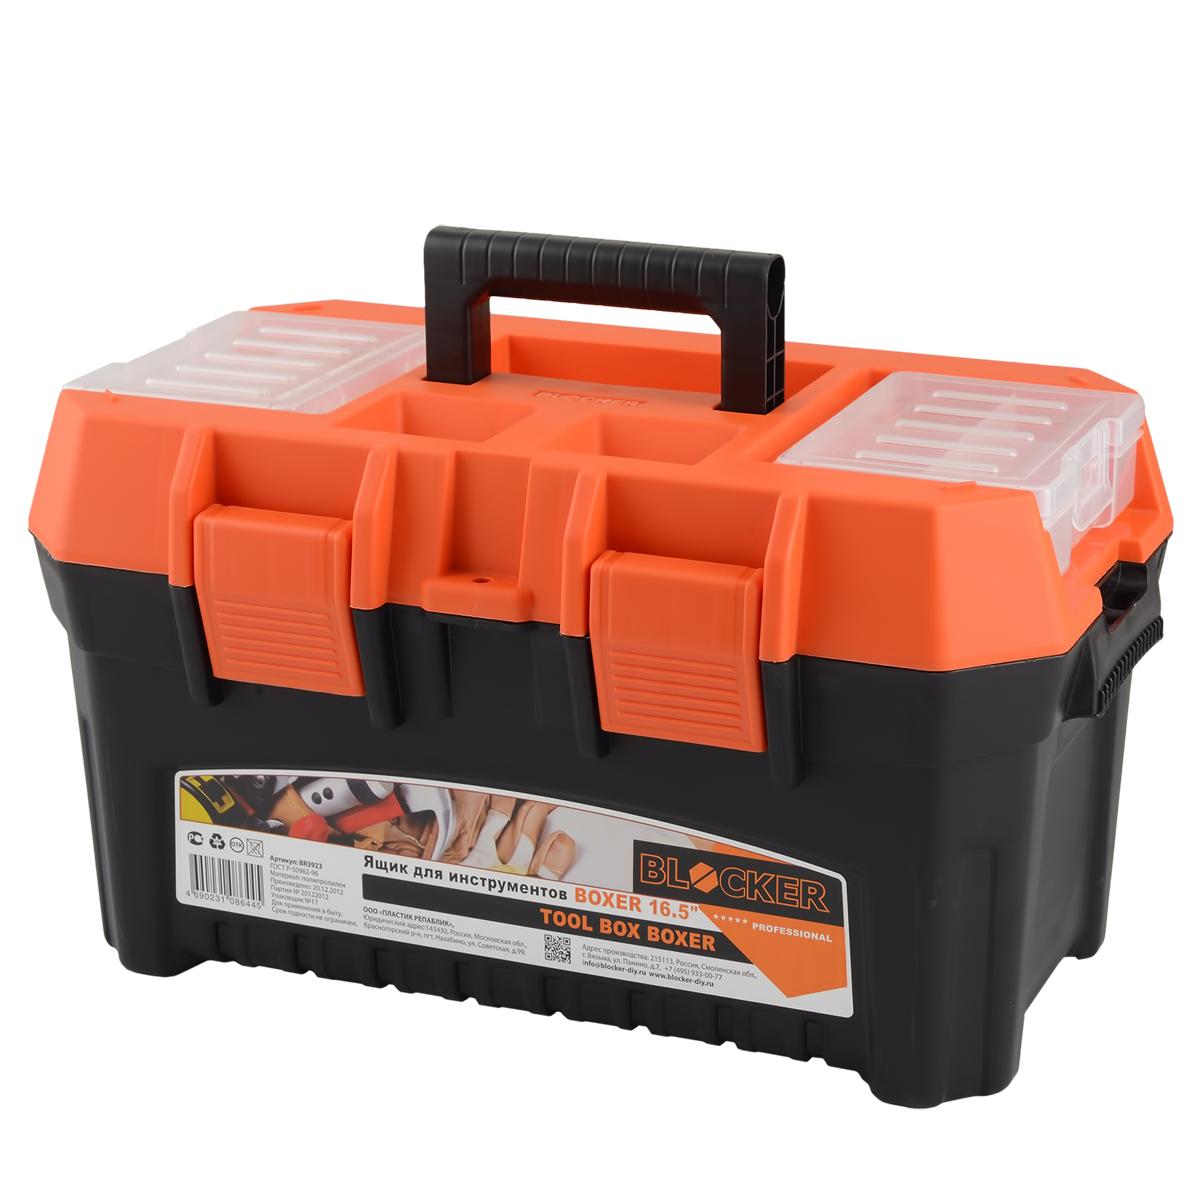 Ящик для инструментов Blocker Boxer, цвет: черный, оранжевый, 420 х 250 х 230 ммBR3923ЧРОРПростой и вместительный ящик для инструментов Blocker Boxer выполнен из полипропилена. Уникальная конструкция замка надежно защищает ящик от случайного раскрытия. По бокам ящика отверстия для навесного ремня. Крышка снабжена блоками для хранения мелких скобяных изделий.